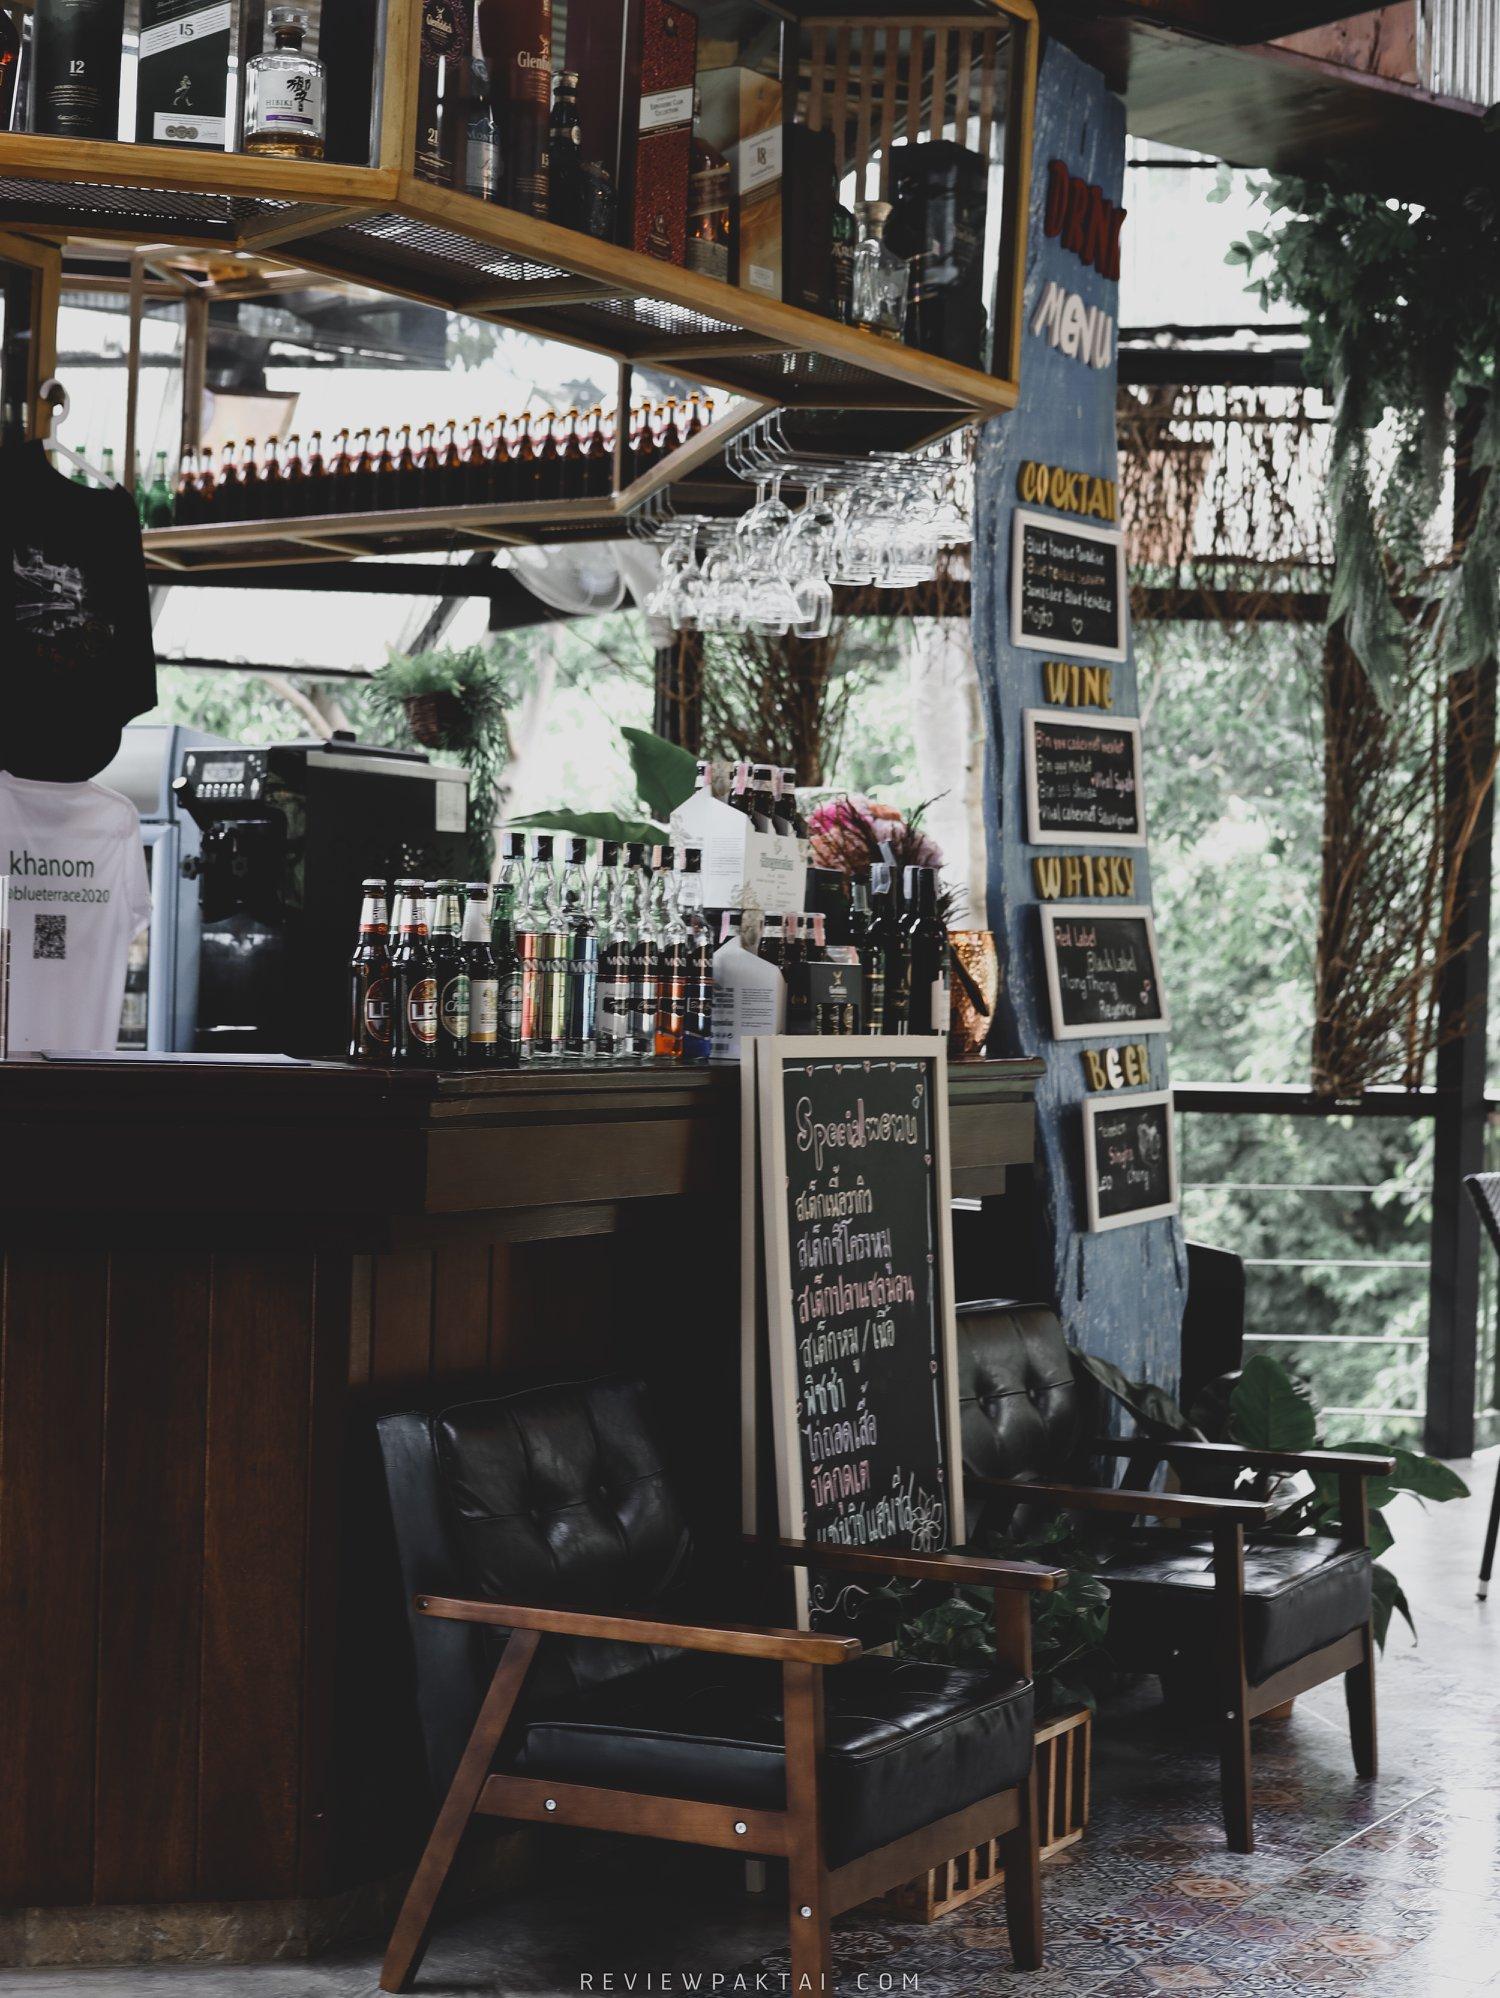 โซนบาร์นั่งชิว-ต้นไม้ล้อมรอบวิวสีเขียว ขนอม,คาเฟ่,Blueterrace,อร่อย,วิวหลักล้าน,กลางป่า,นครศรีธรรมราช